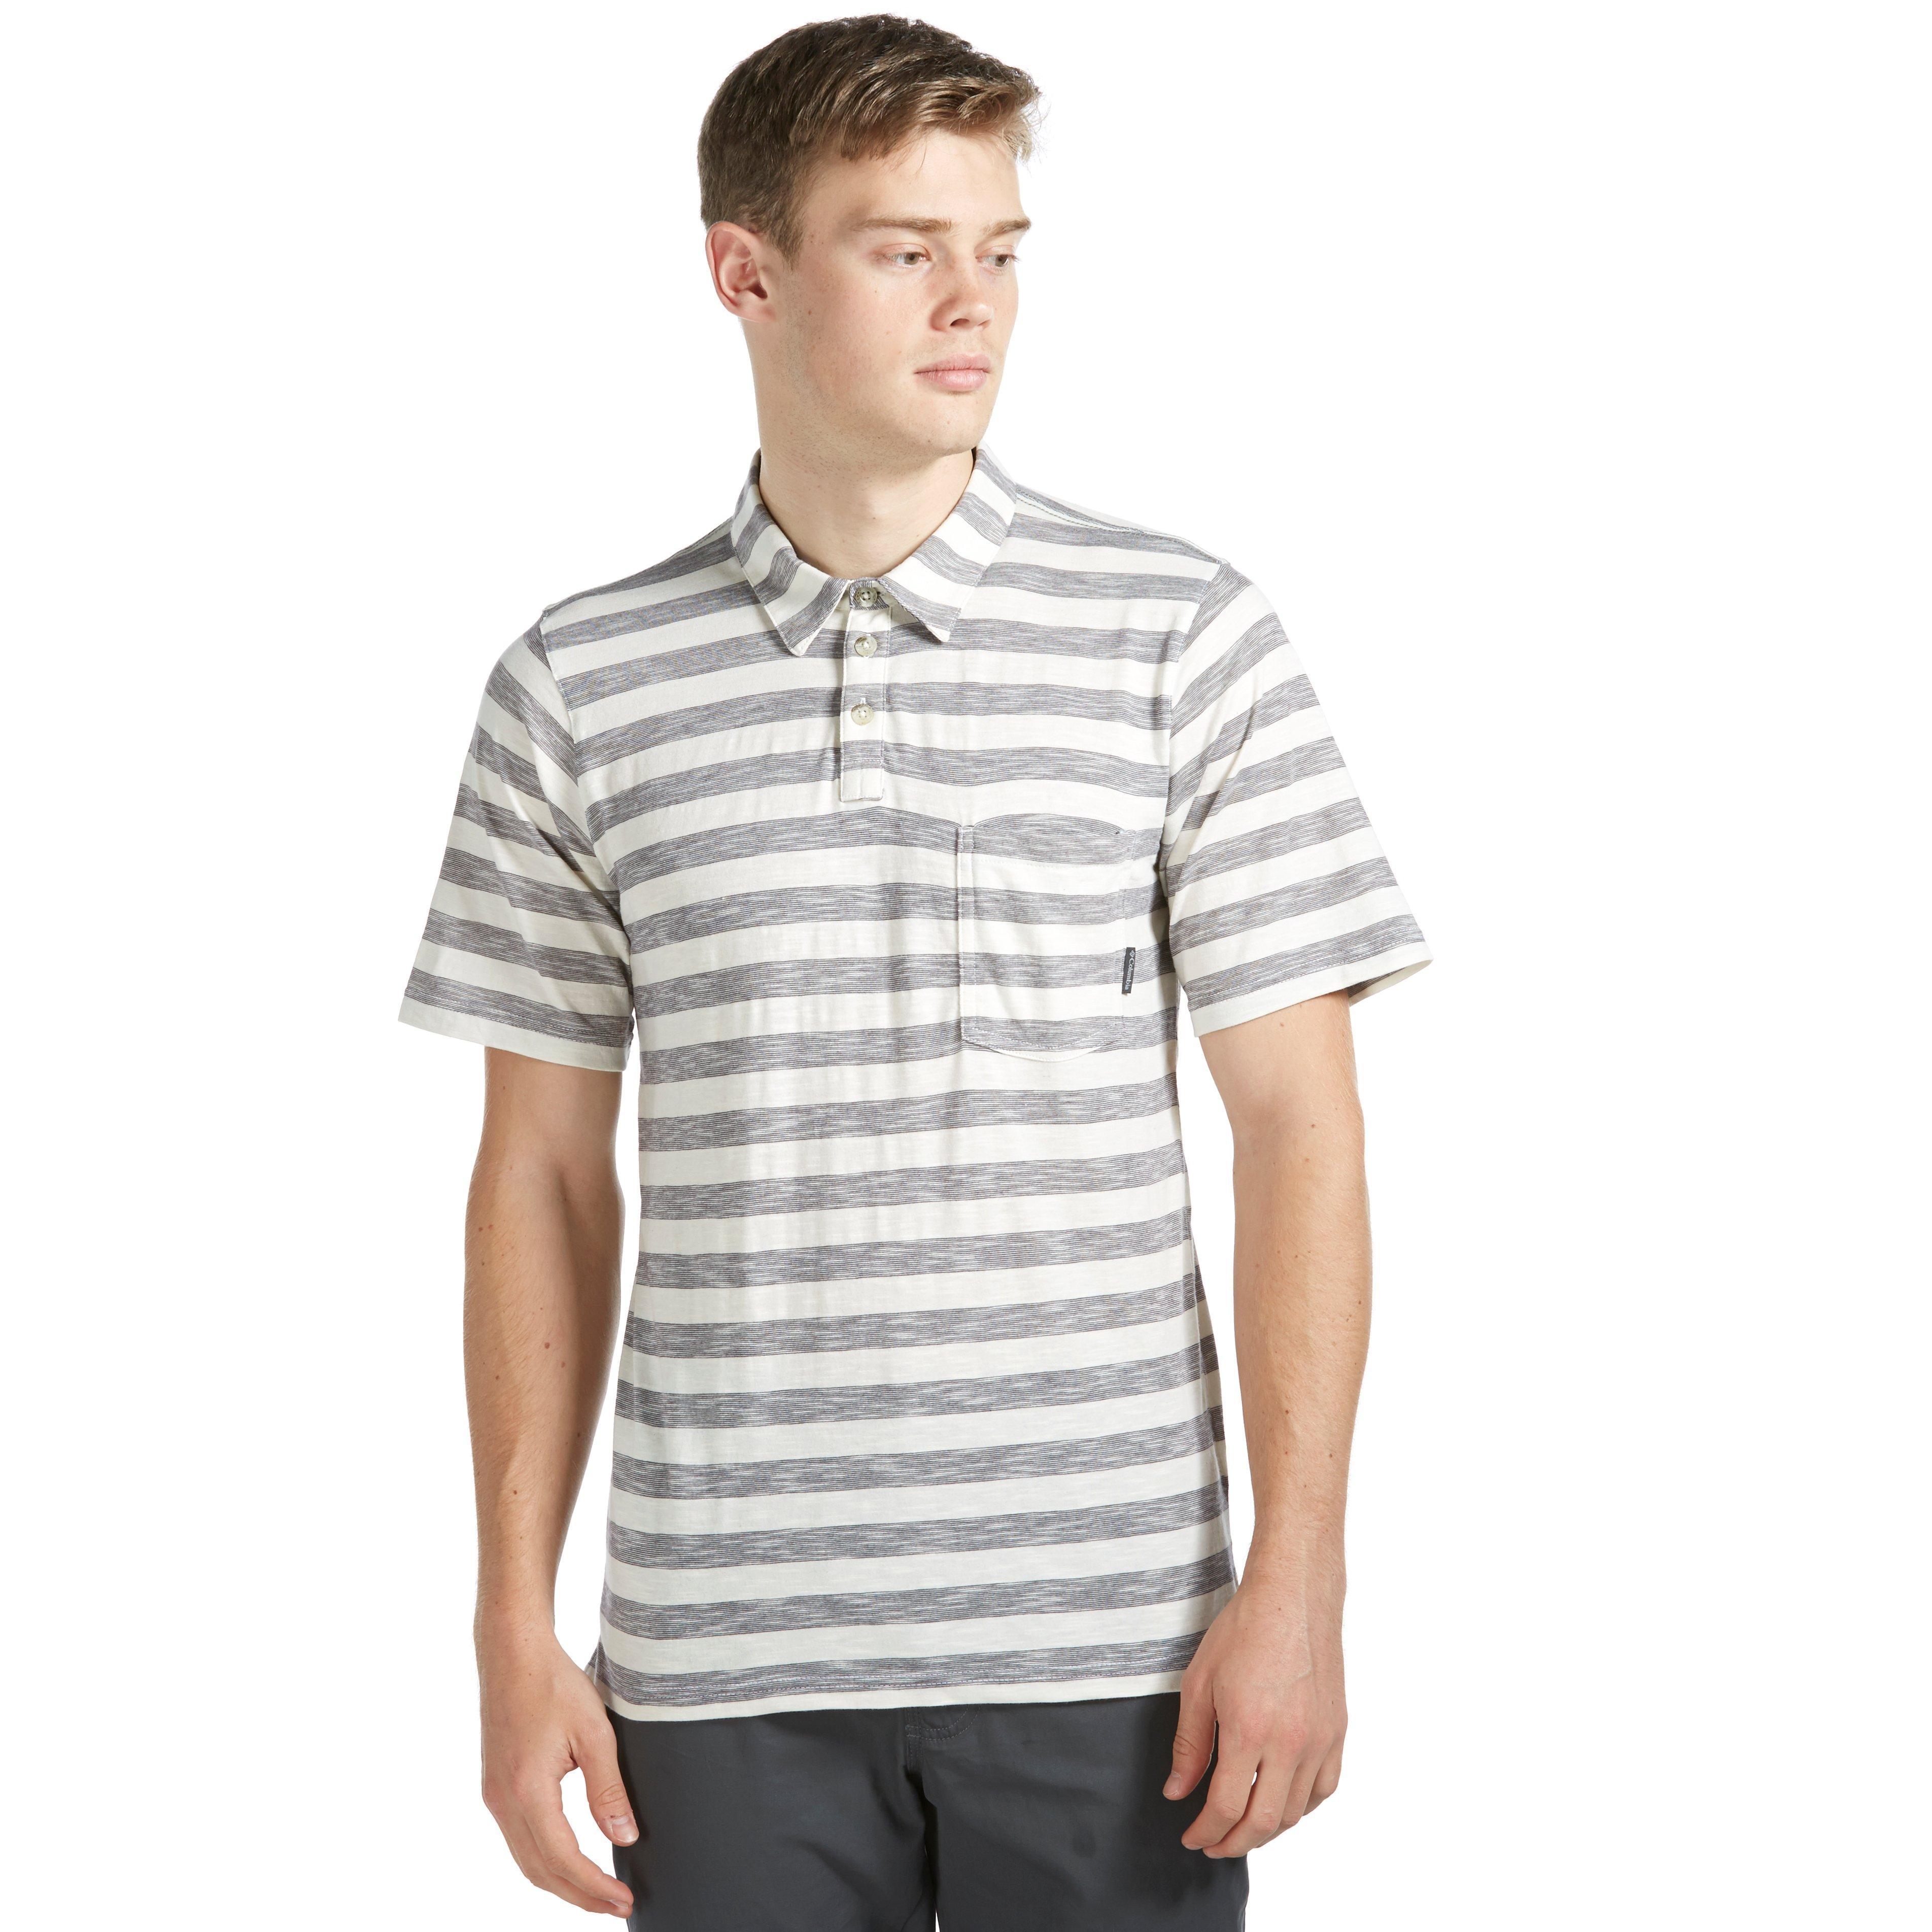 Columbia Men's Lookout Point Polo Shirt - White, White Review thumbnail